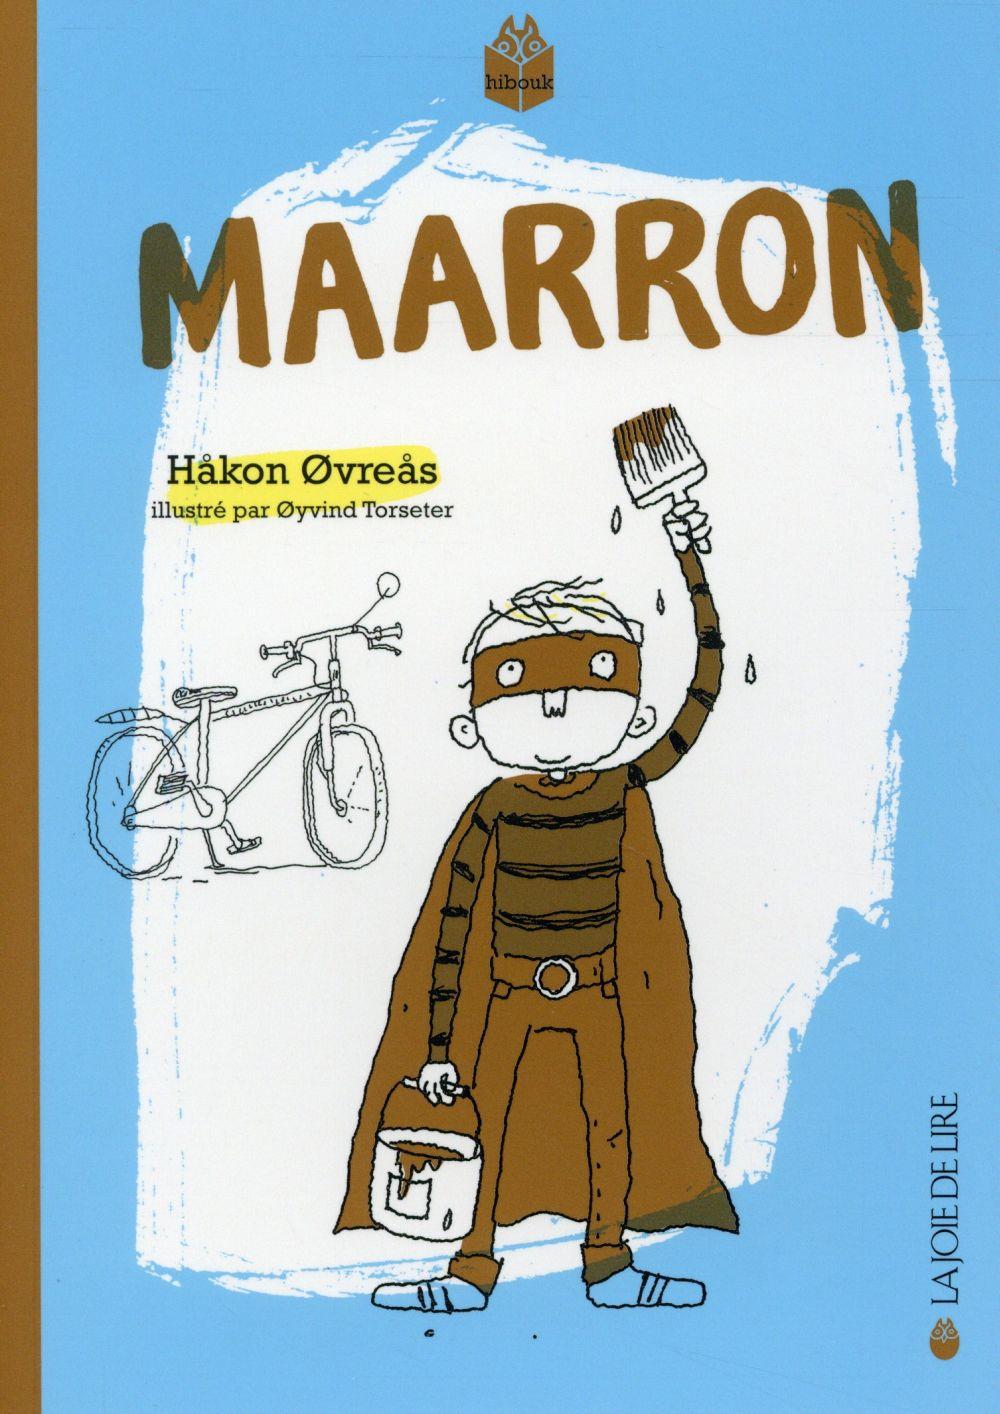 MAARRON